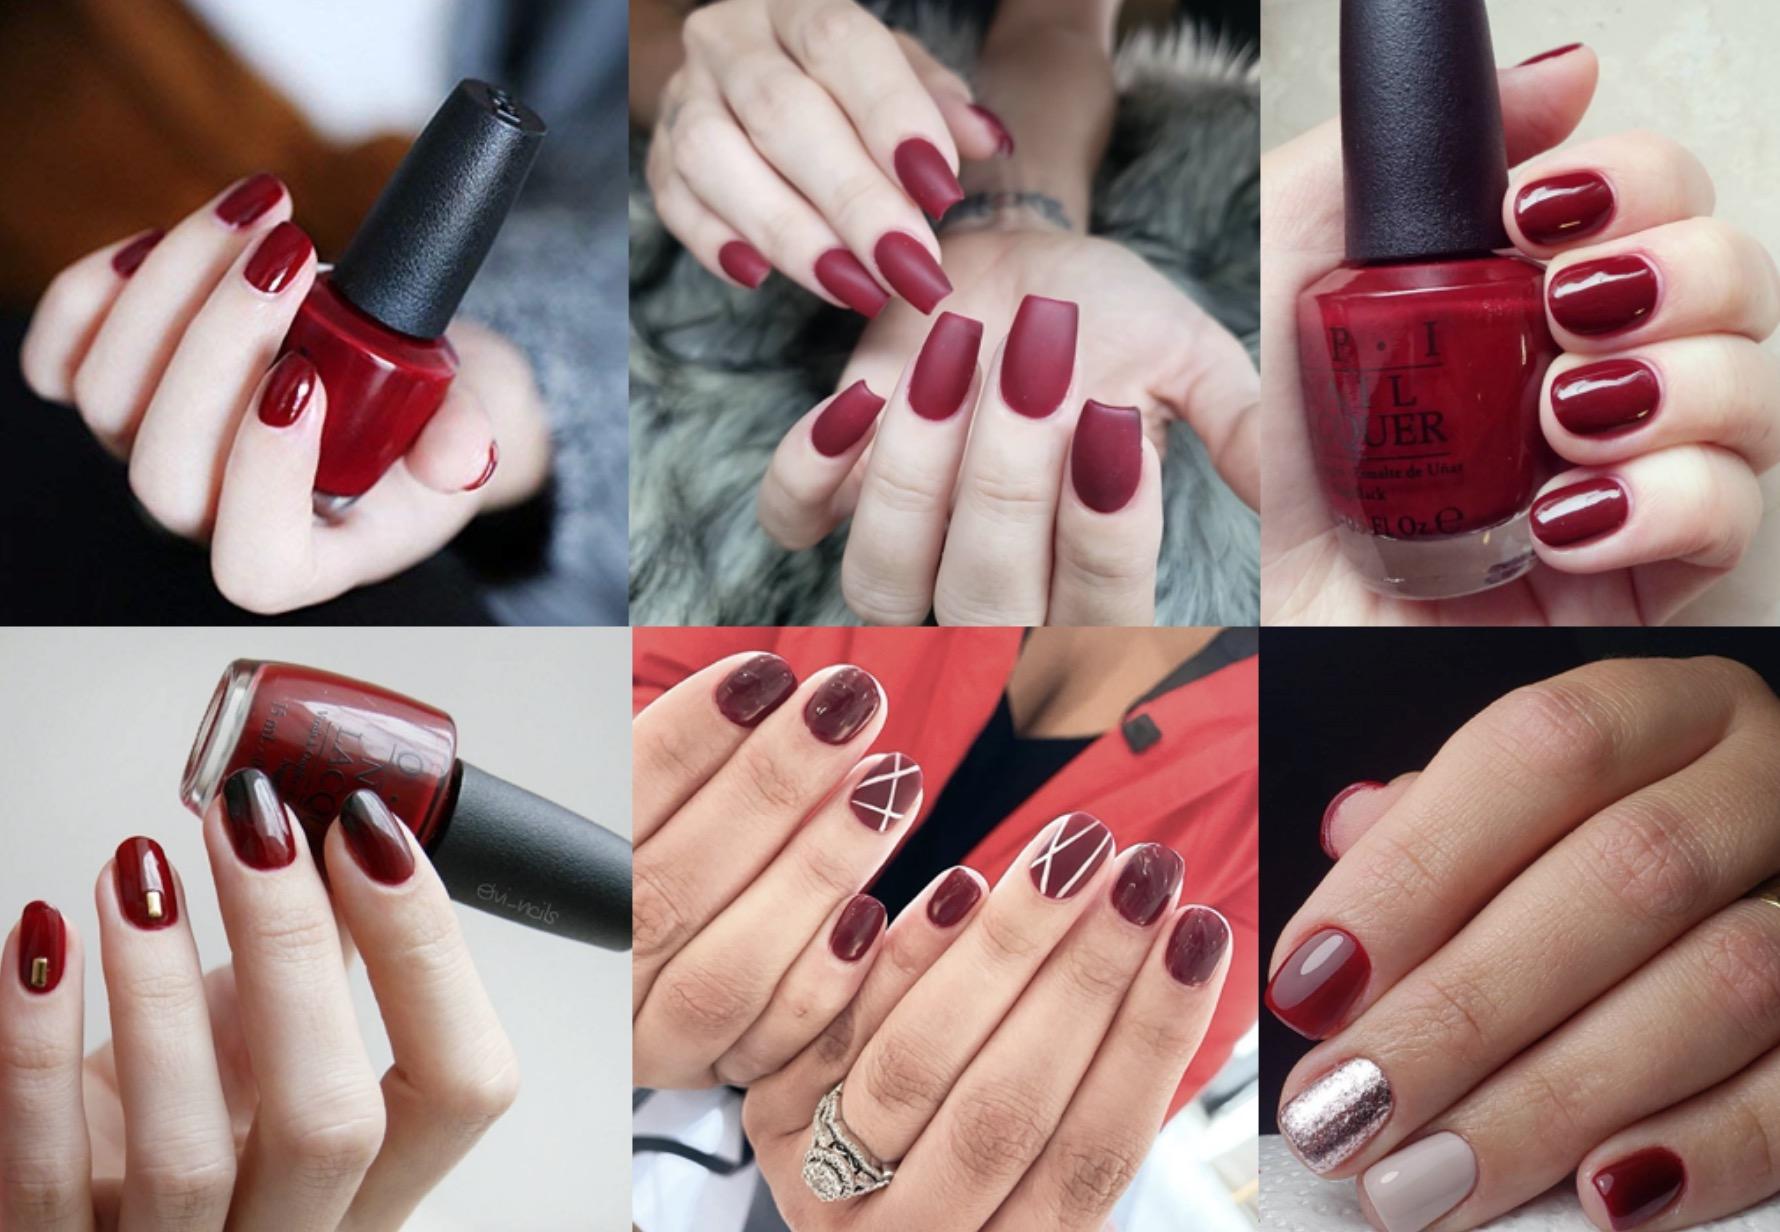 想要提升整體指尖質感,就非「藍調醇紅」莫屬!介於正紅色與酒紅色調之間,帶有深棕色的血色調,能為指尖增添一股勾魂神秘的女人味